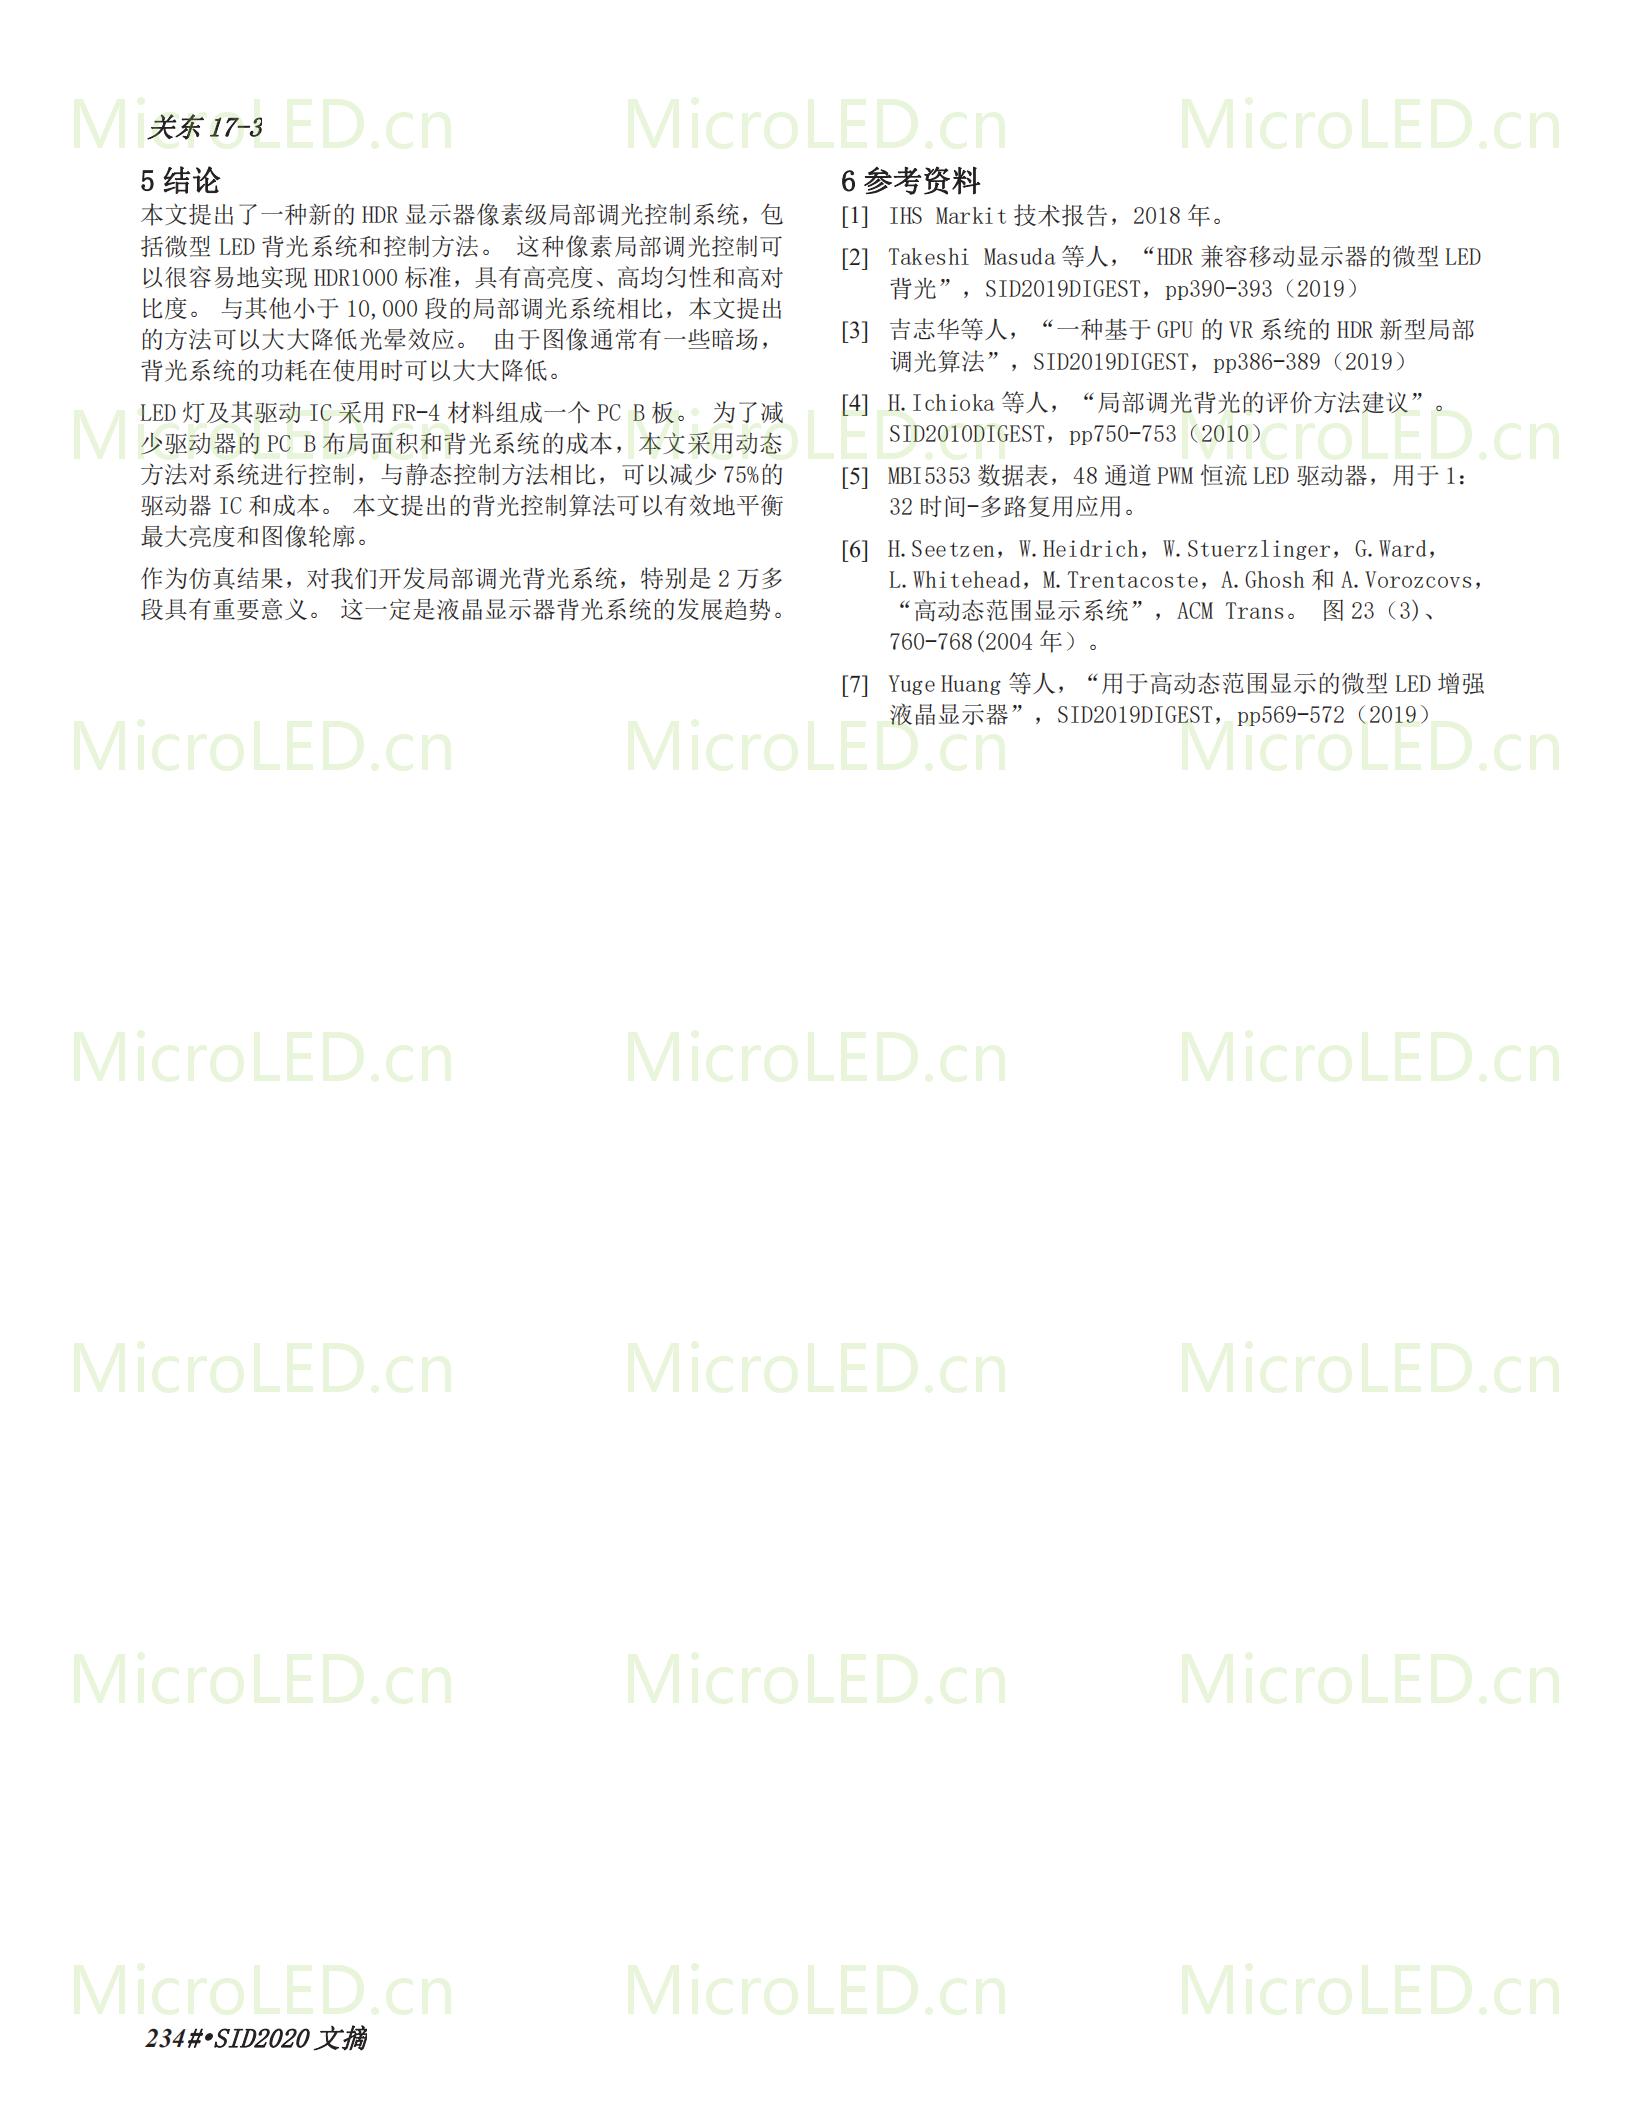 一种新颖的像素级局部调光背光系统,用于 HDR 显示 基于MiniLED  第4张